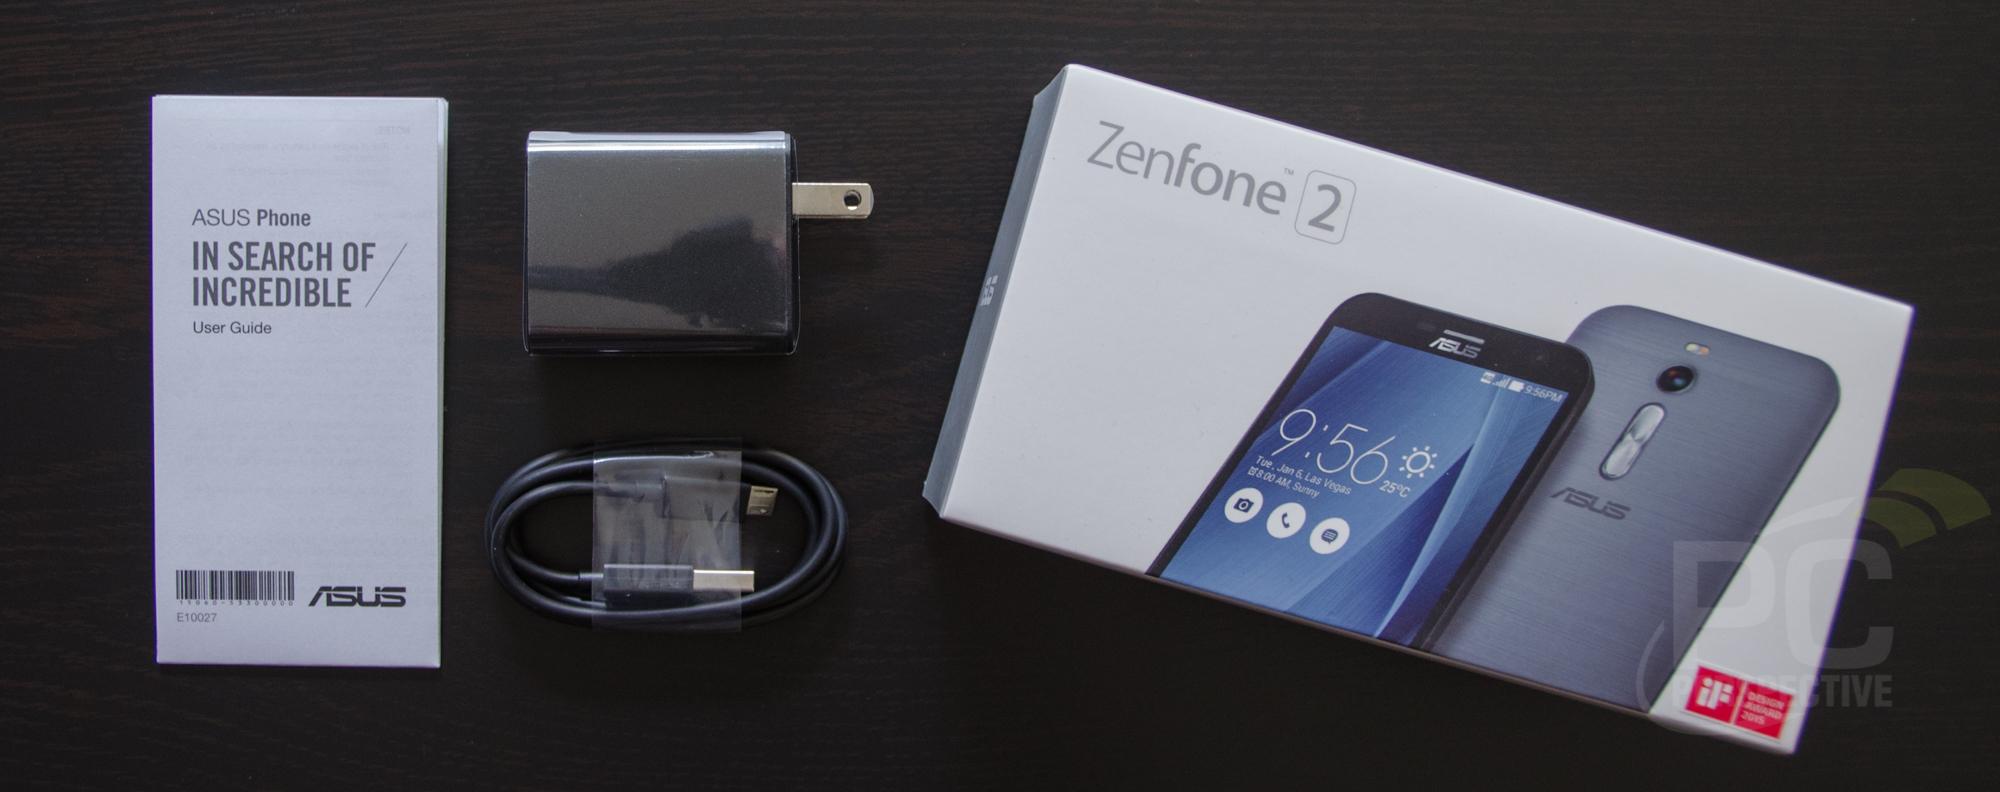 zenfone2-box-0.jpg